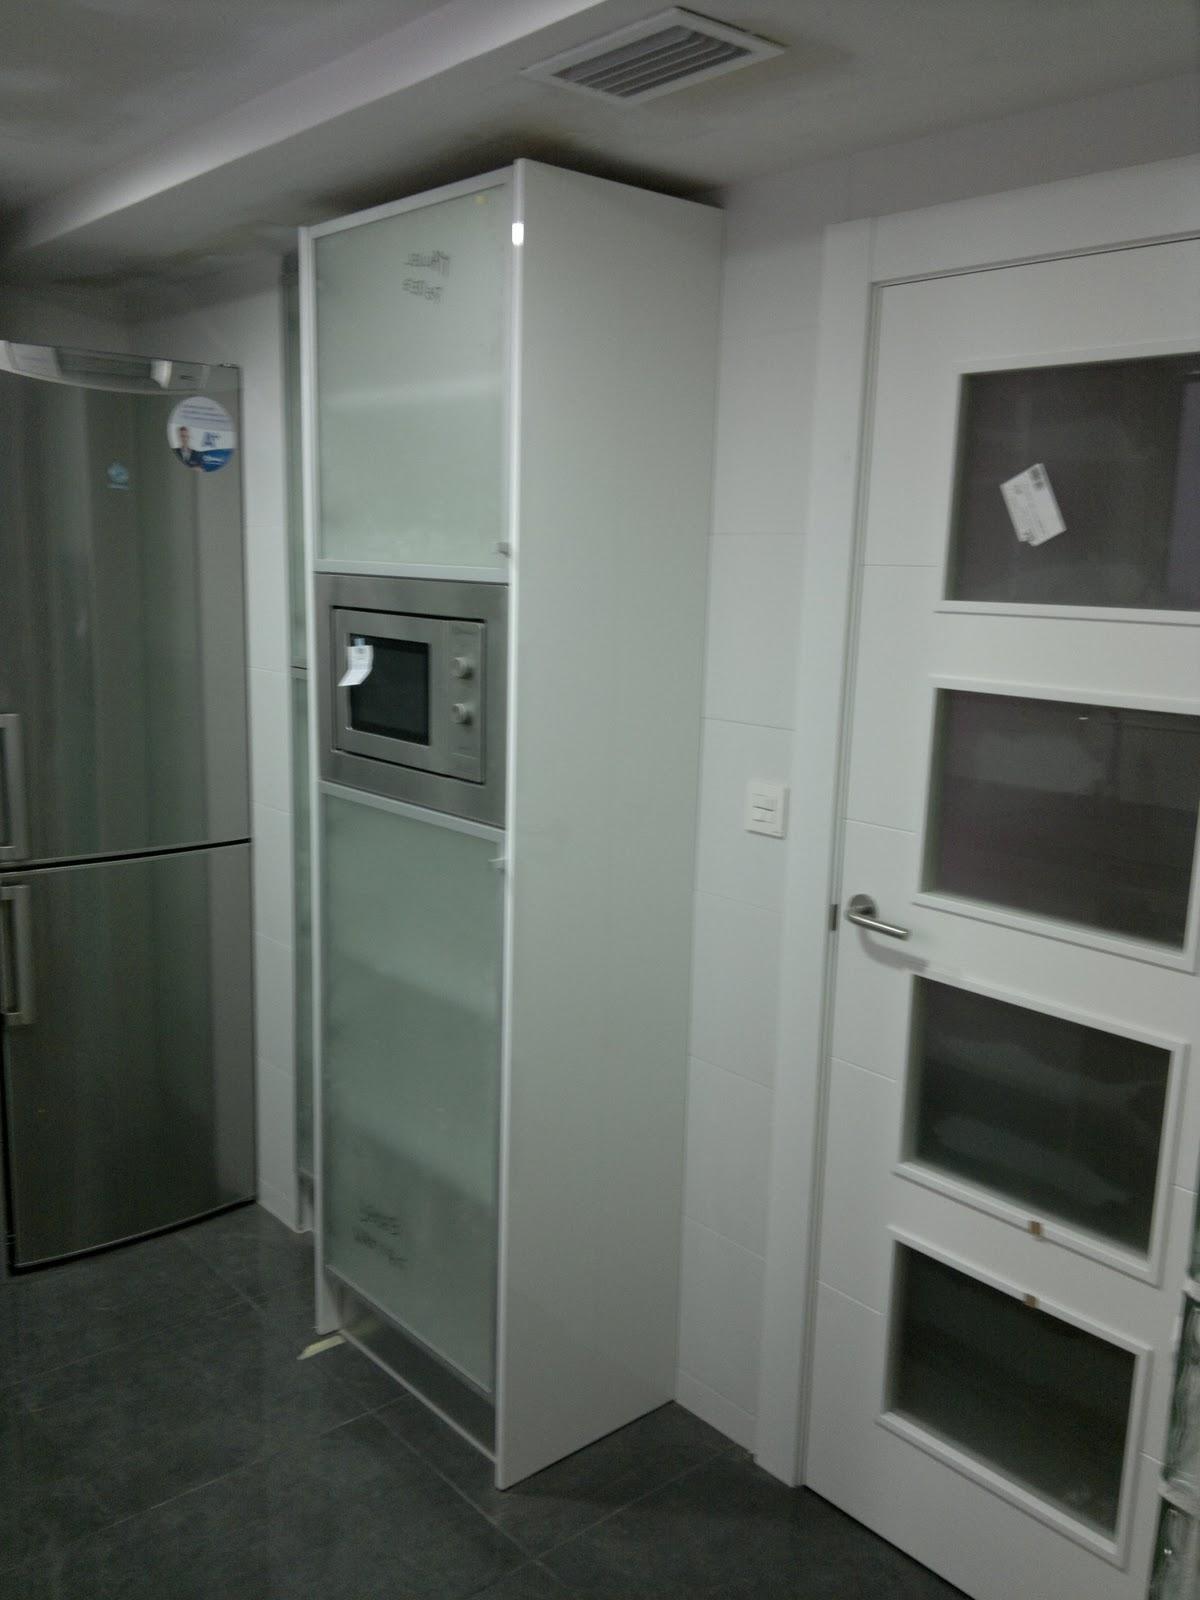 Ebanisteria carpinteria manuel perez zaragoza cocina - Cocinas de cristal ...